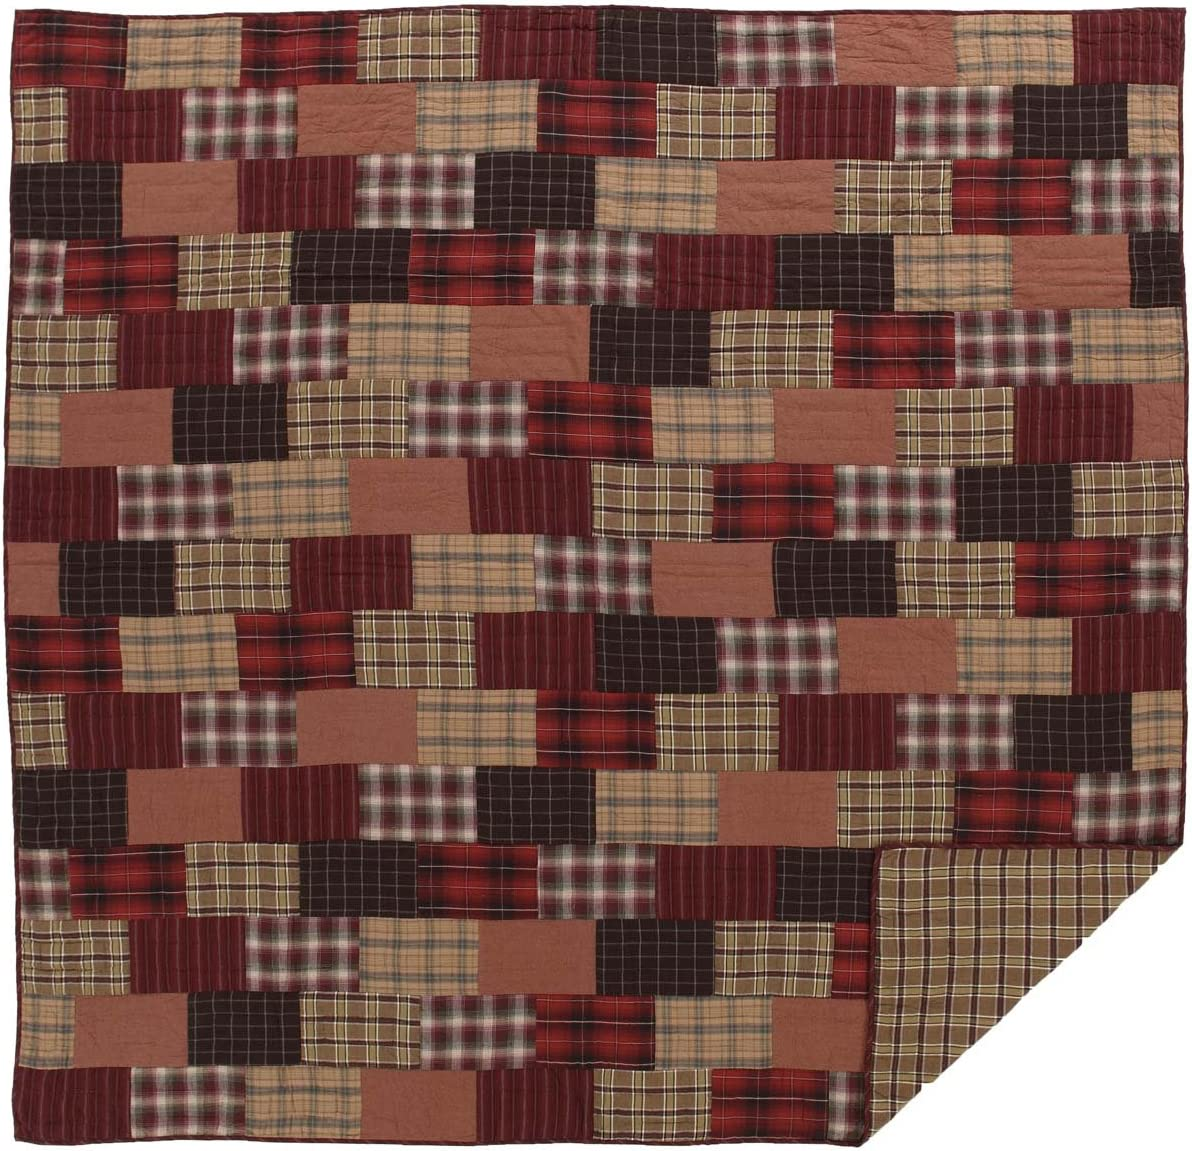 VHC Brands Rustic & Lodge Bedding - Wyatt Red Quilt, Queen, Crimson